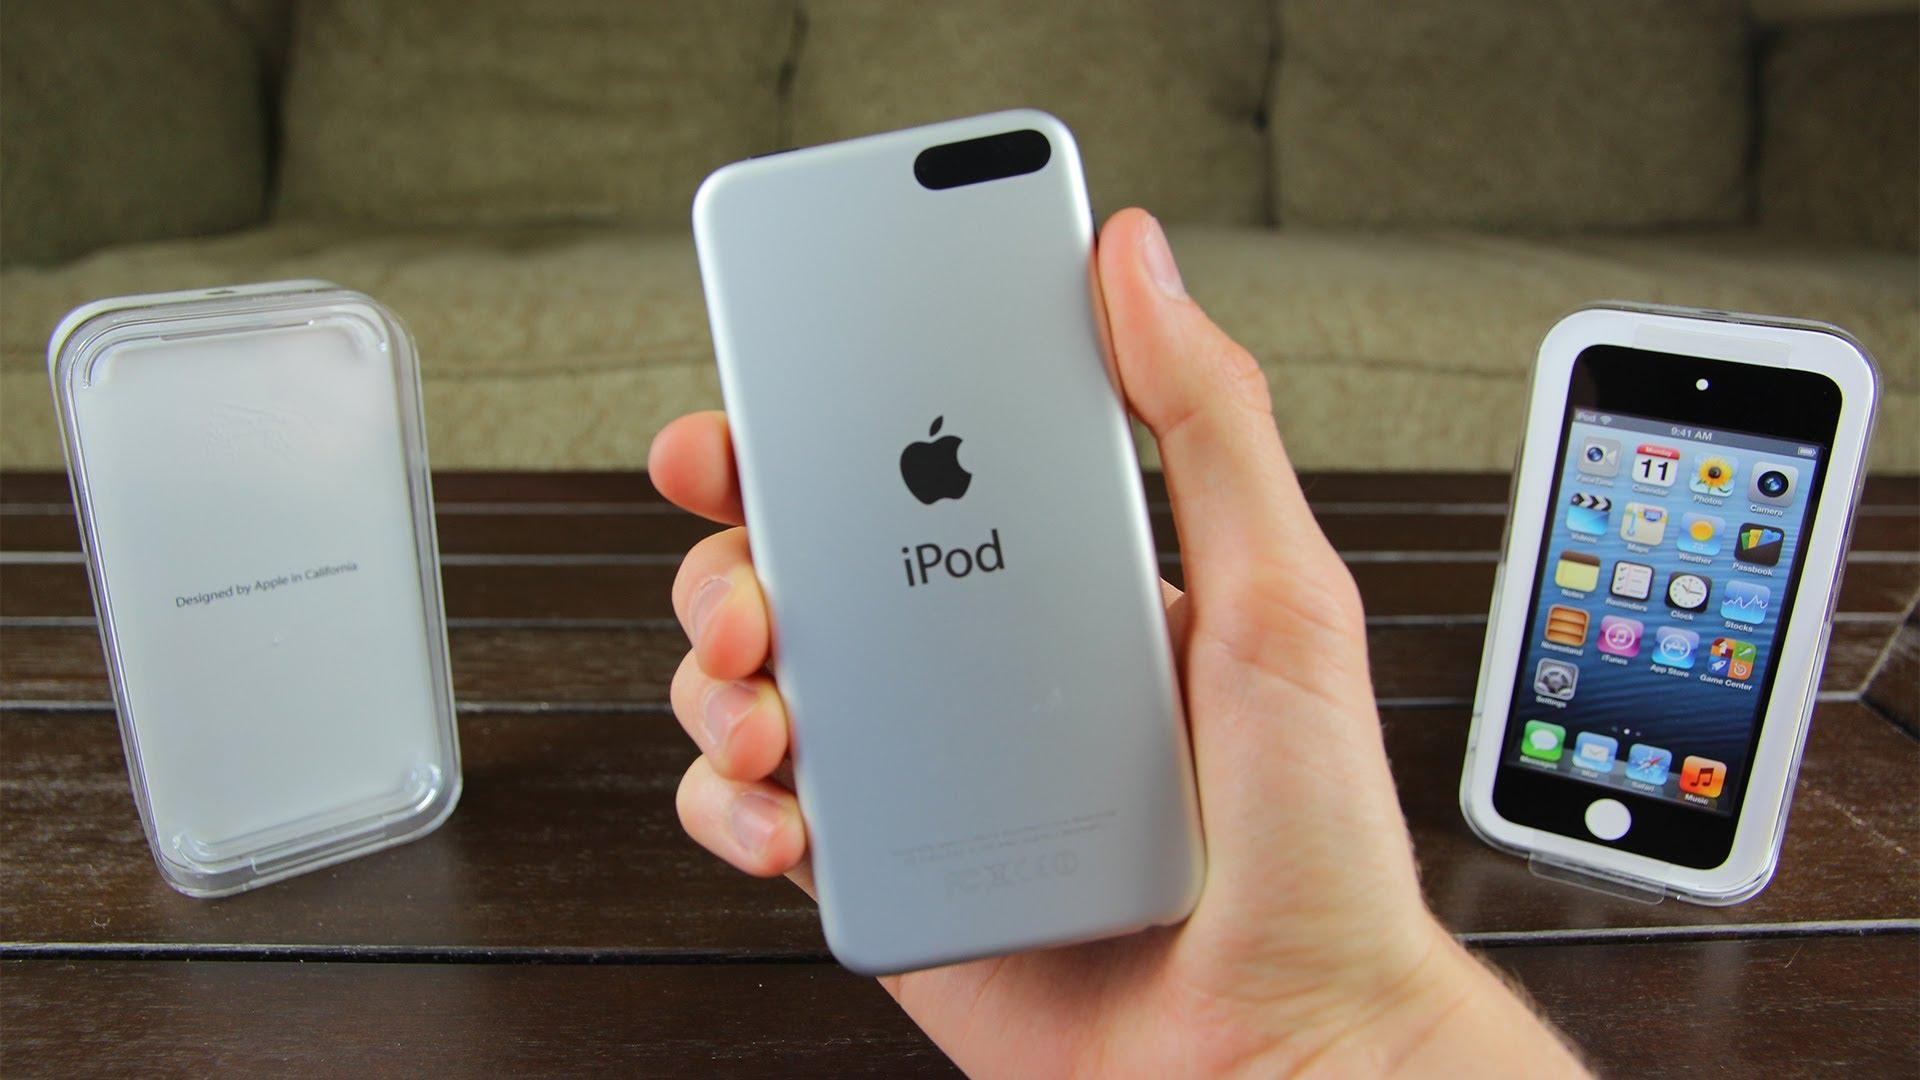 Новый бюджетный iPod touch 5G 16GB